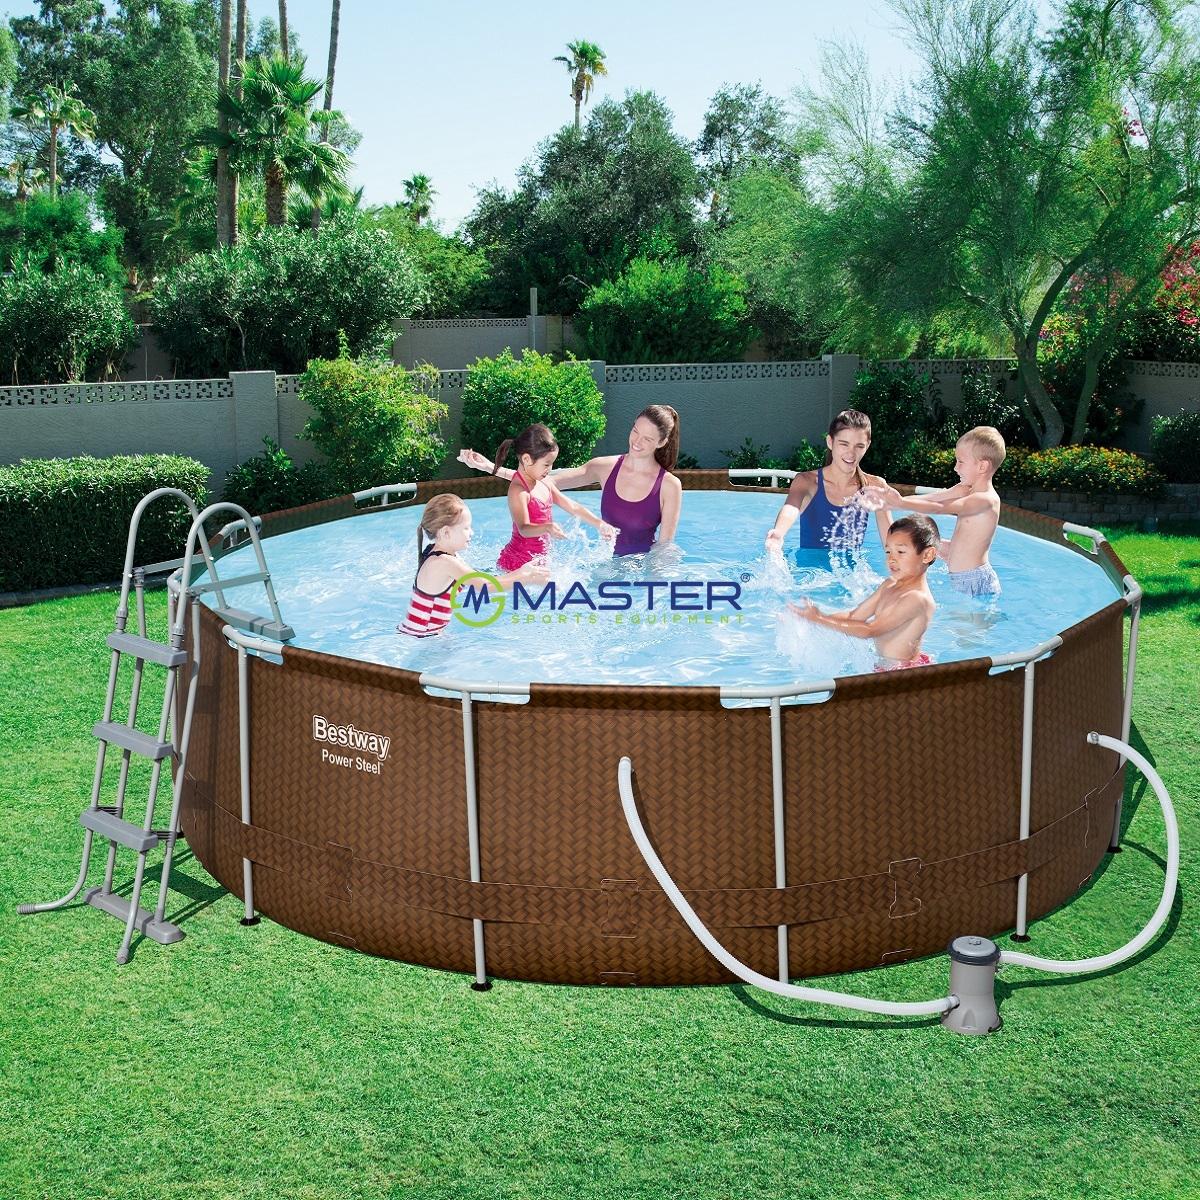 baz n steel frame pool 366 x 100 cm set s kartu ovou filtr ciou hned najlacnejsisport sk. Black Bedroom Furniture Sets. Home Design Ideas